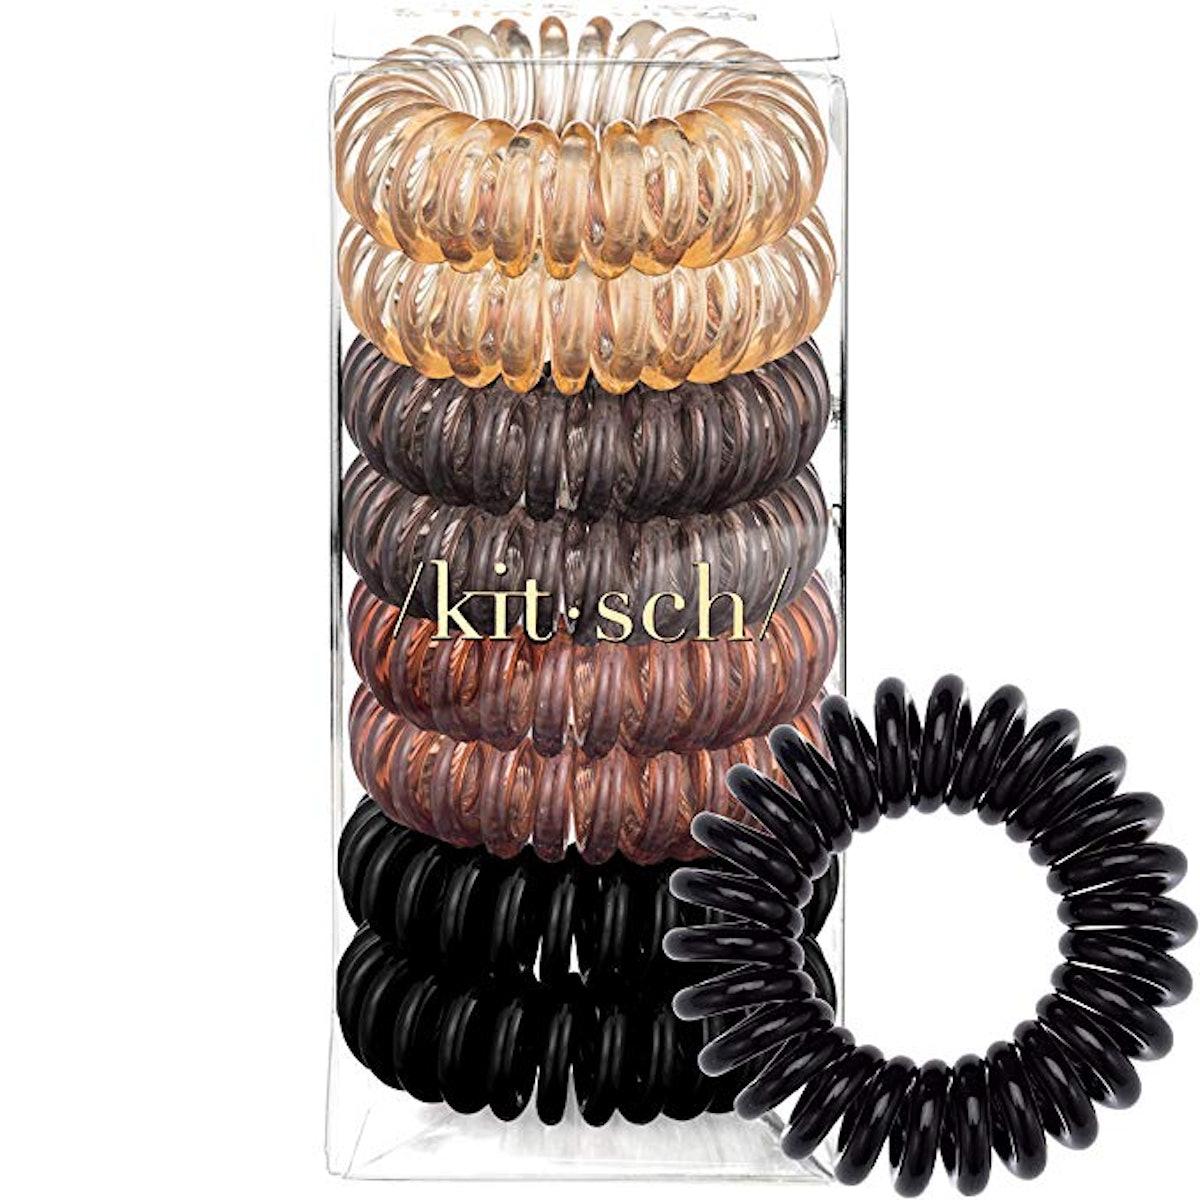 Kitsch Spiral Hair Ties (8 pieces)